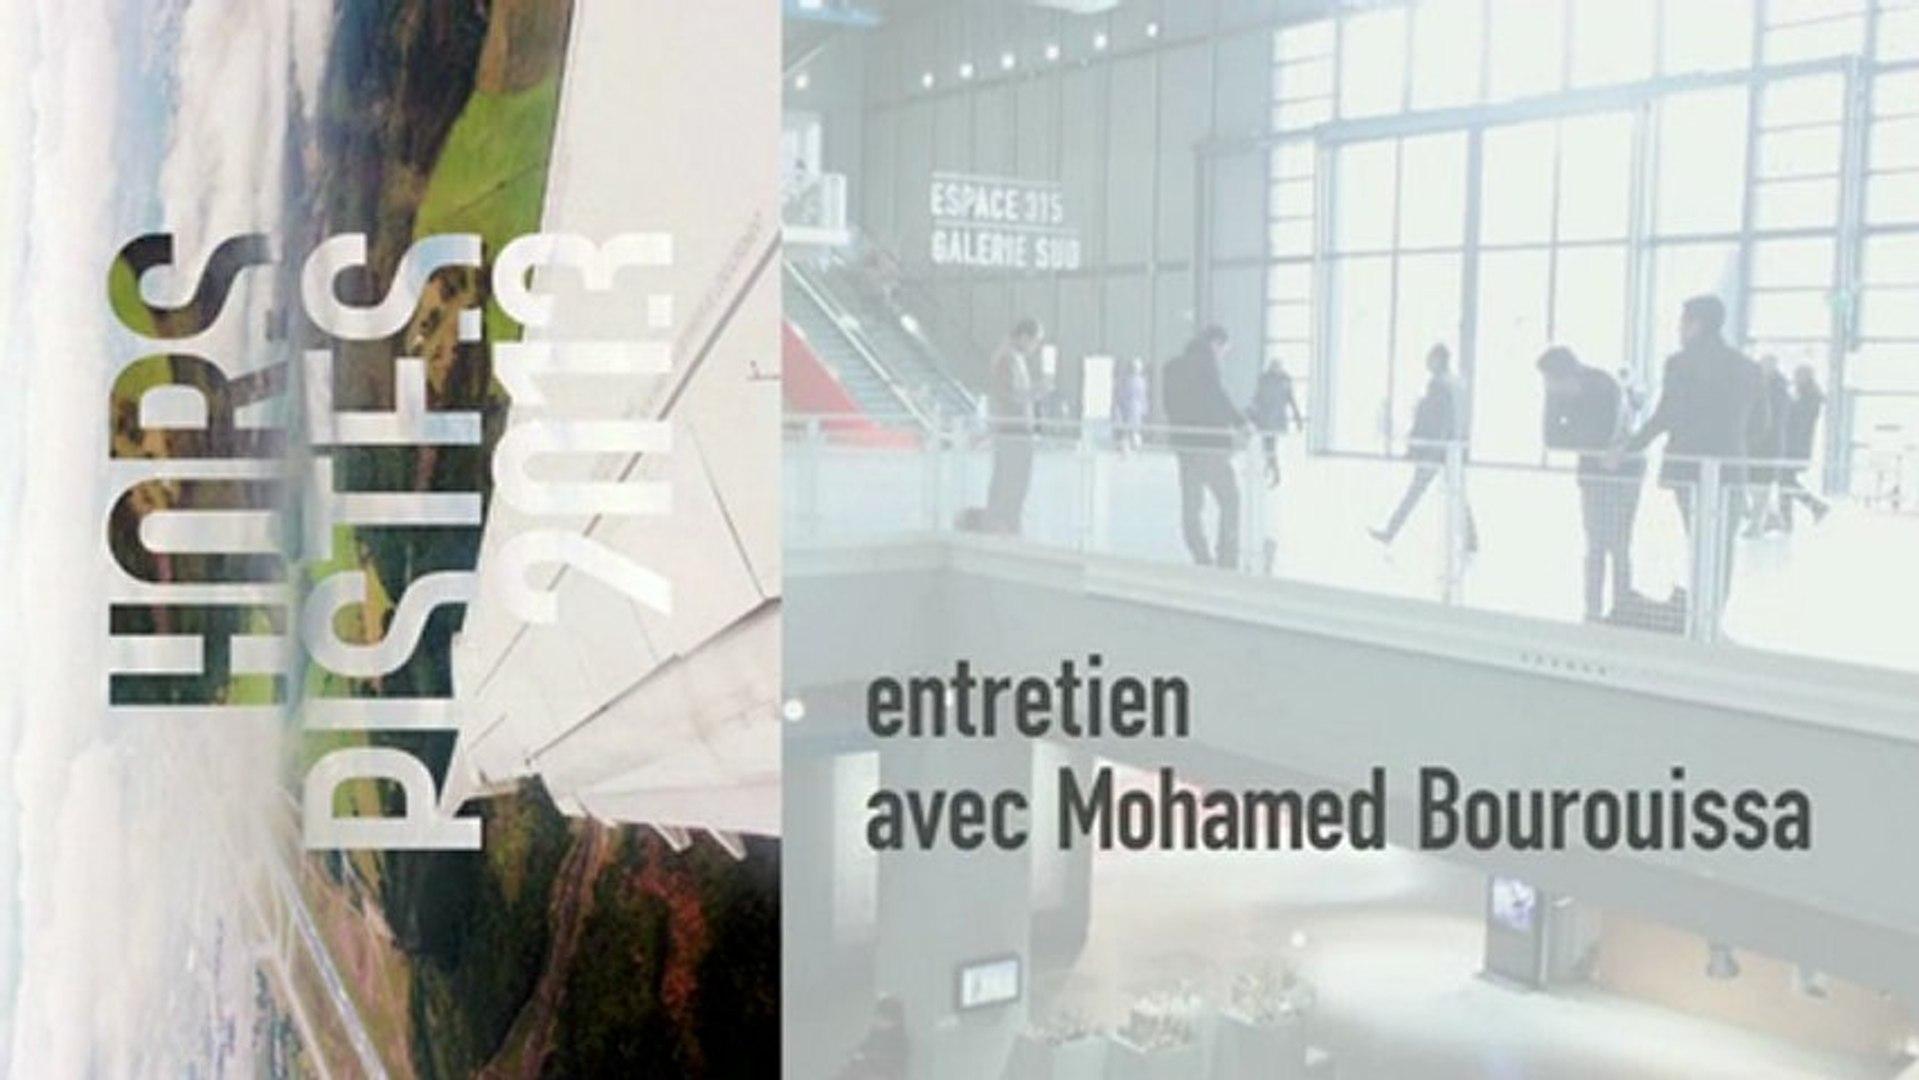 Entretien avec Mohamed Bourouissa autour de Hors Pistes 2013 - cycle du 18 janvier 2013 au  3 févrie